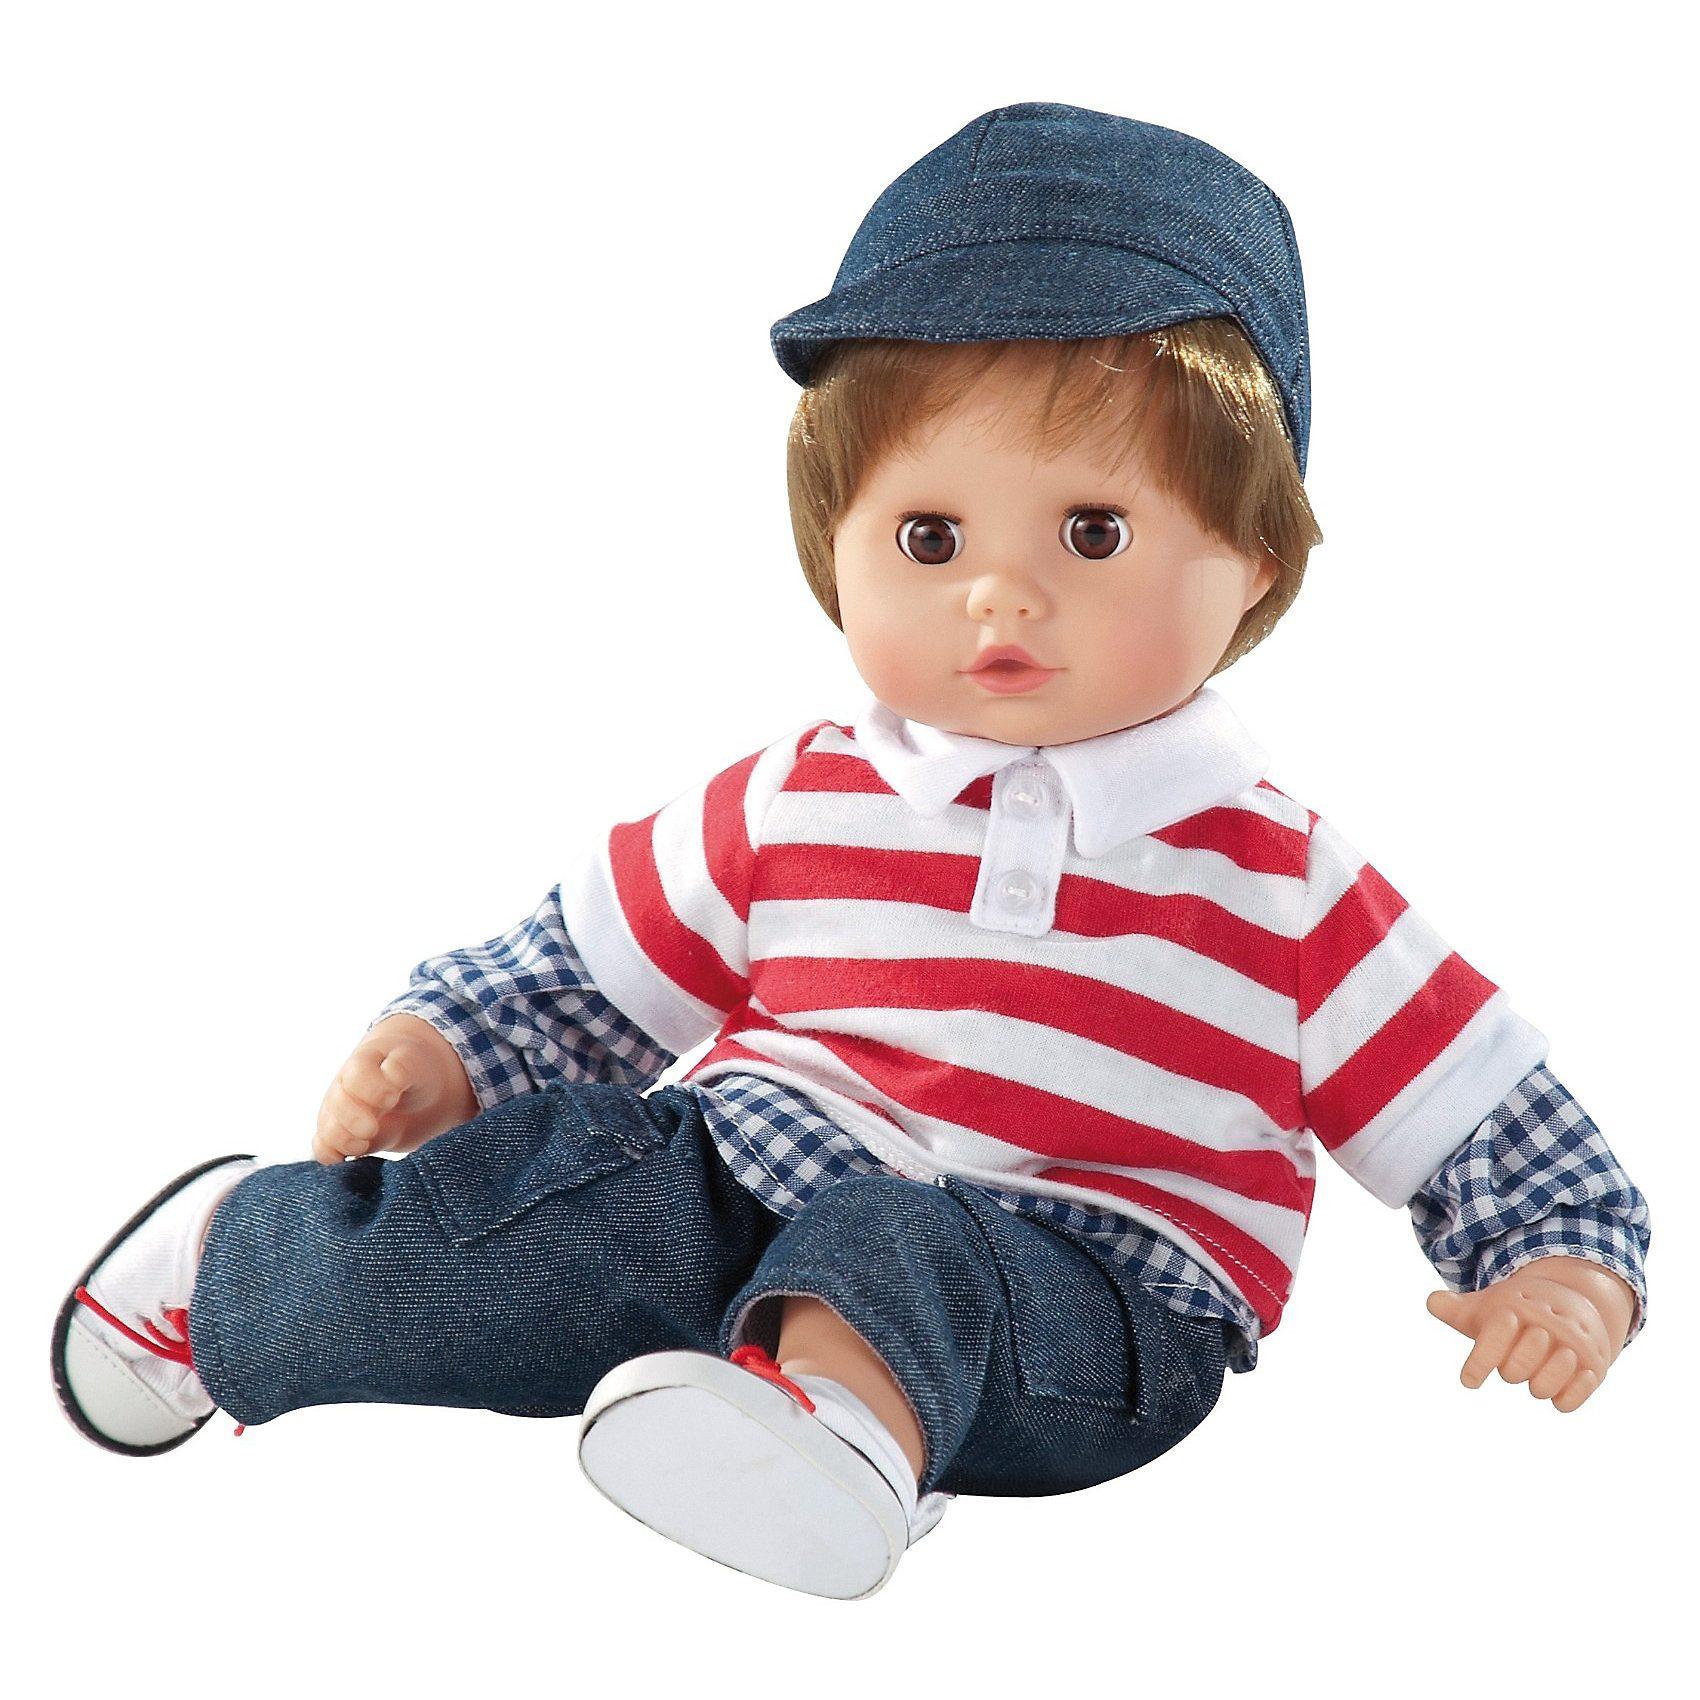 Götz Babypuppe Muffin Junge, braune Haare, 33 cm